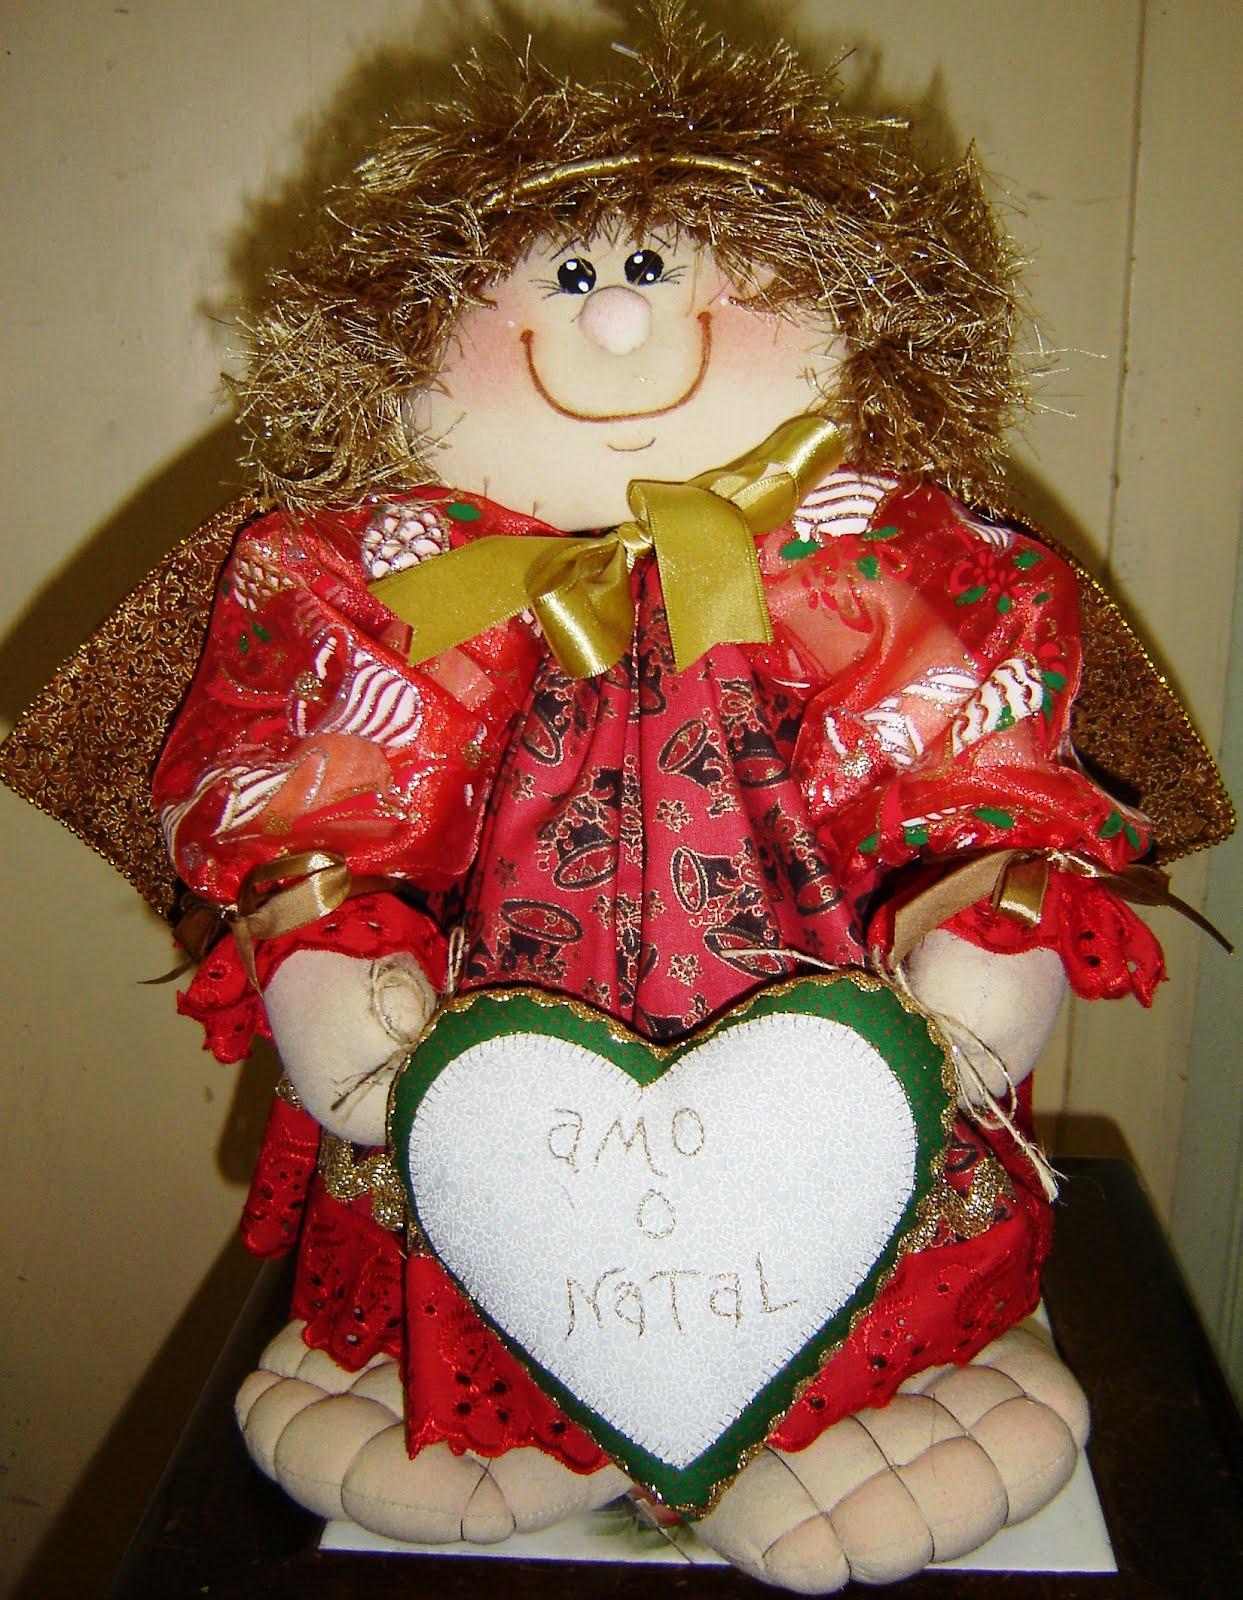 Anjo%2Bnatalino Enfeites e objetos para decoração de Natal